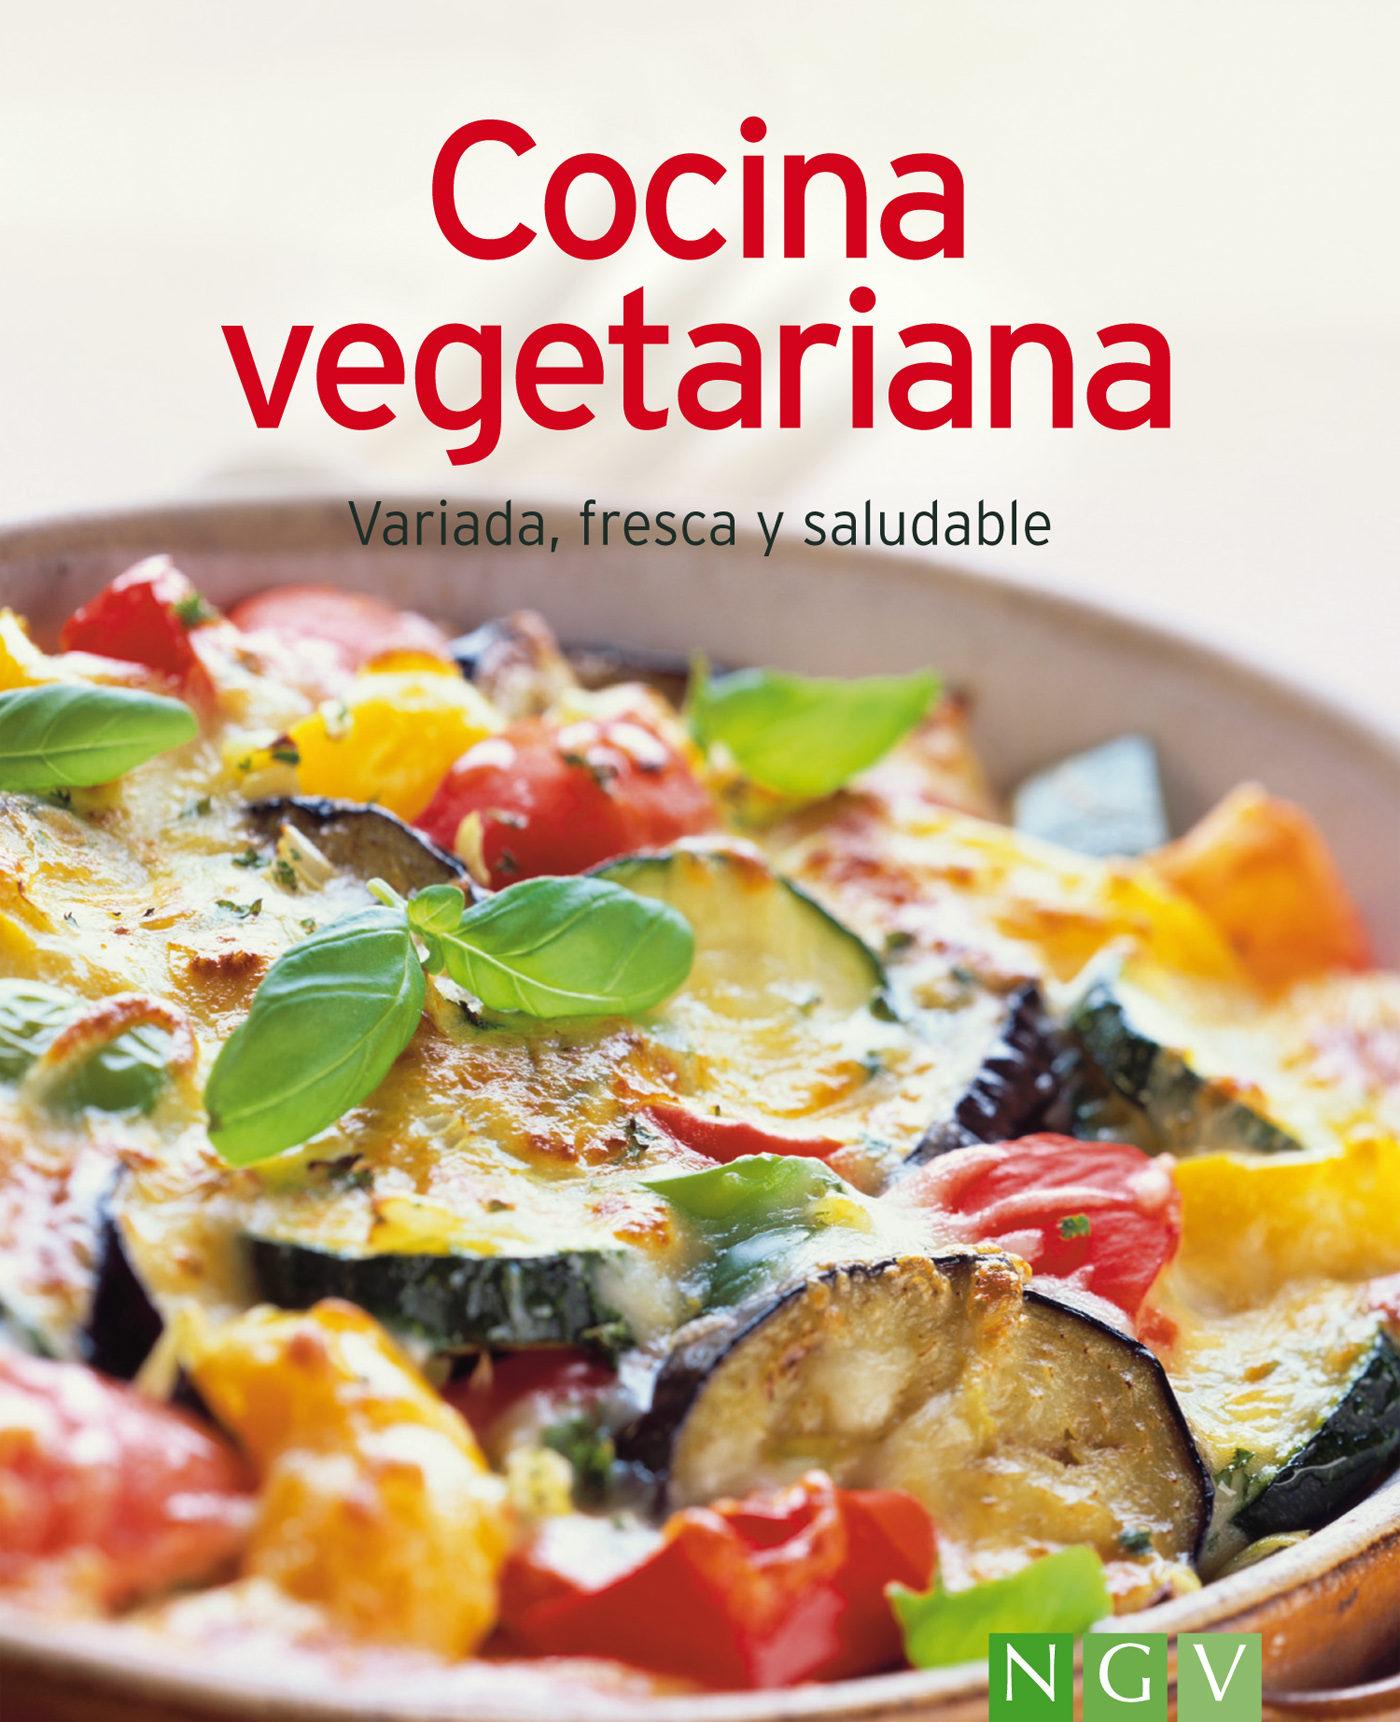 Cocina vegetariana ebook vvaa descargar libro pdf o epub cocina vegetariana ebook 9783815586518 forumfinder Images